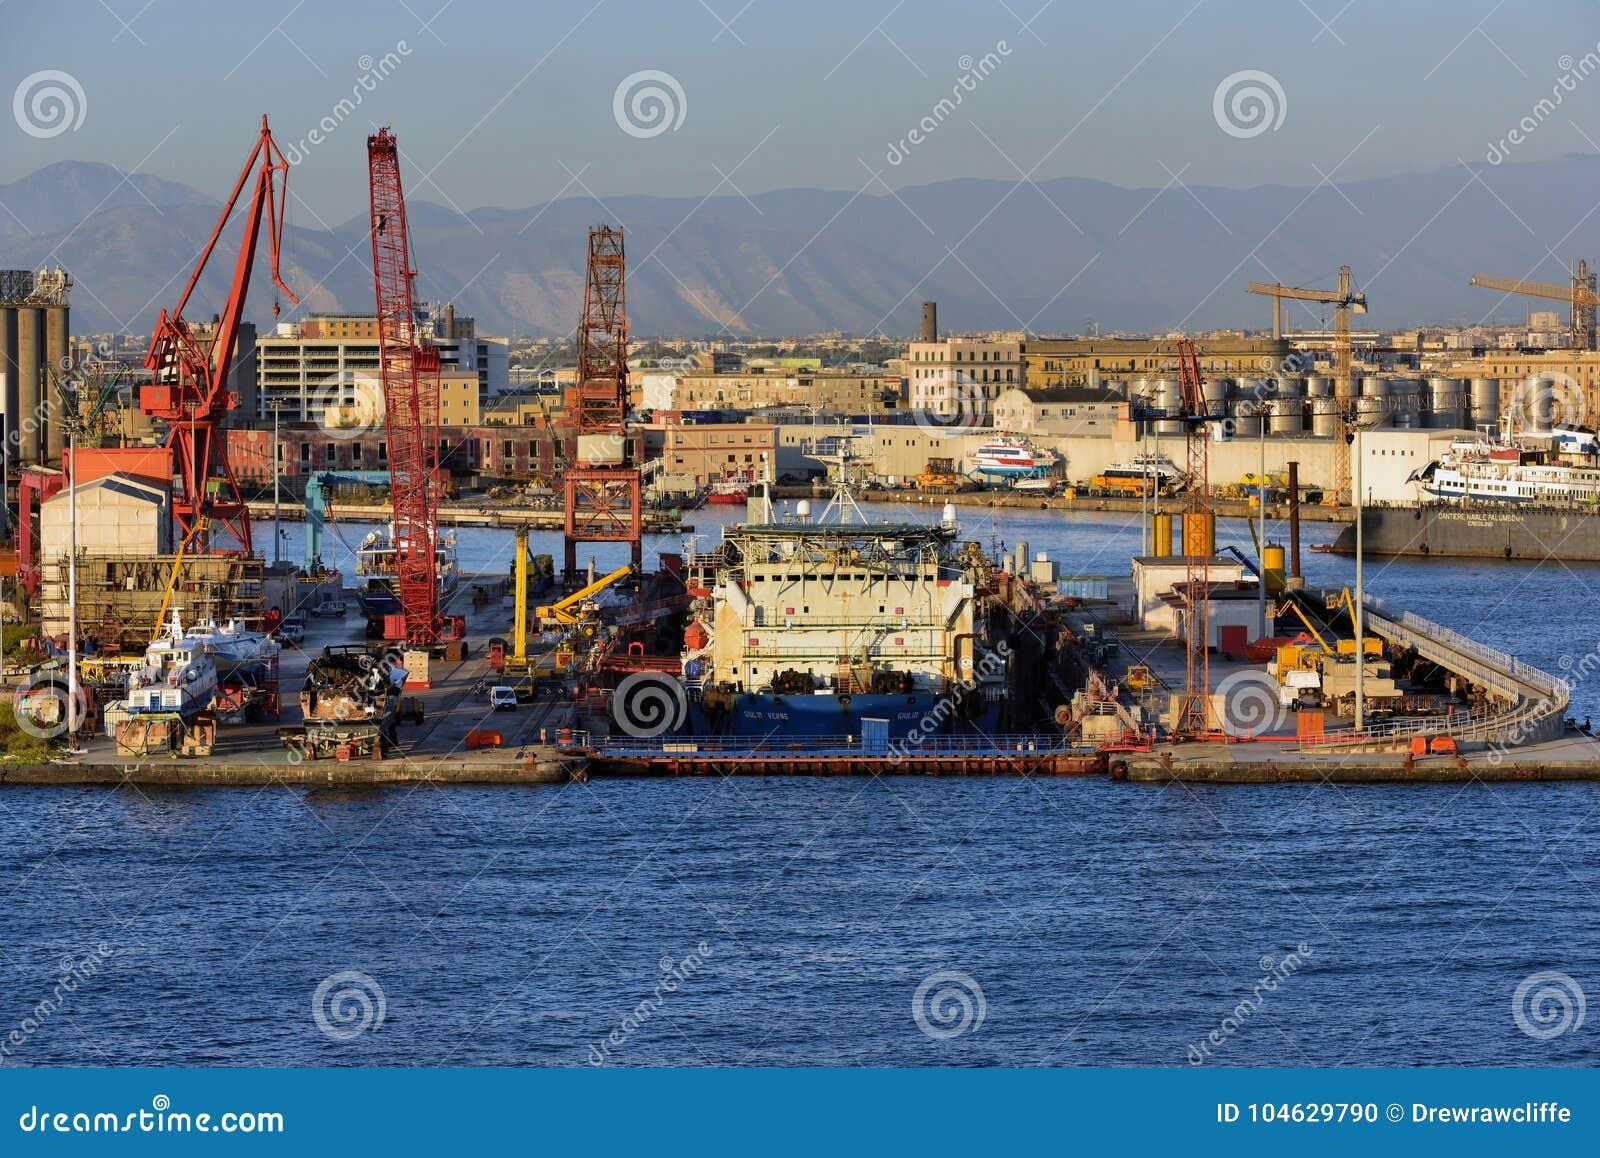 Download Droogdok In De Haven Van Napels Redactionele Afbeelding - Afbeelding bestaande uit cityscape, golf: 104629790